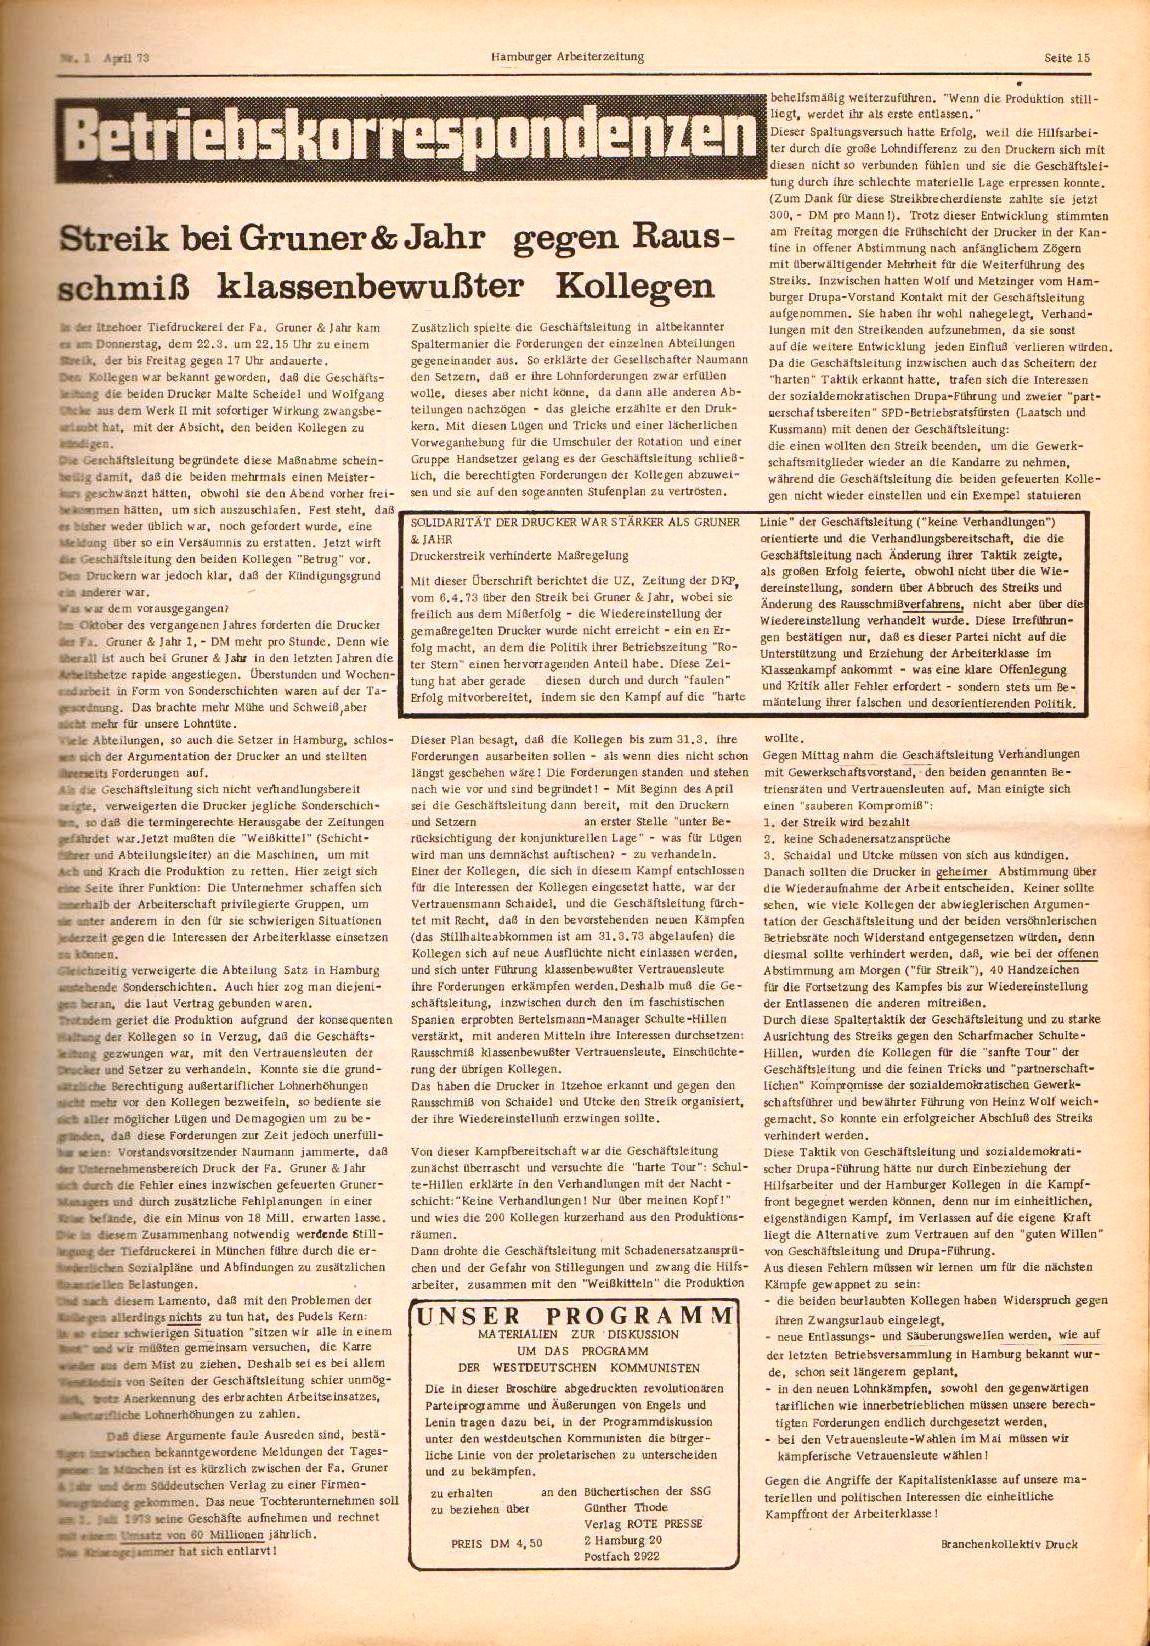 Hamburger_Arbeiterzeitung013